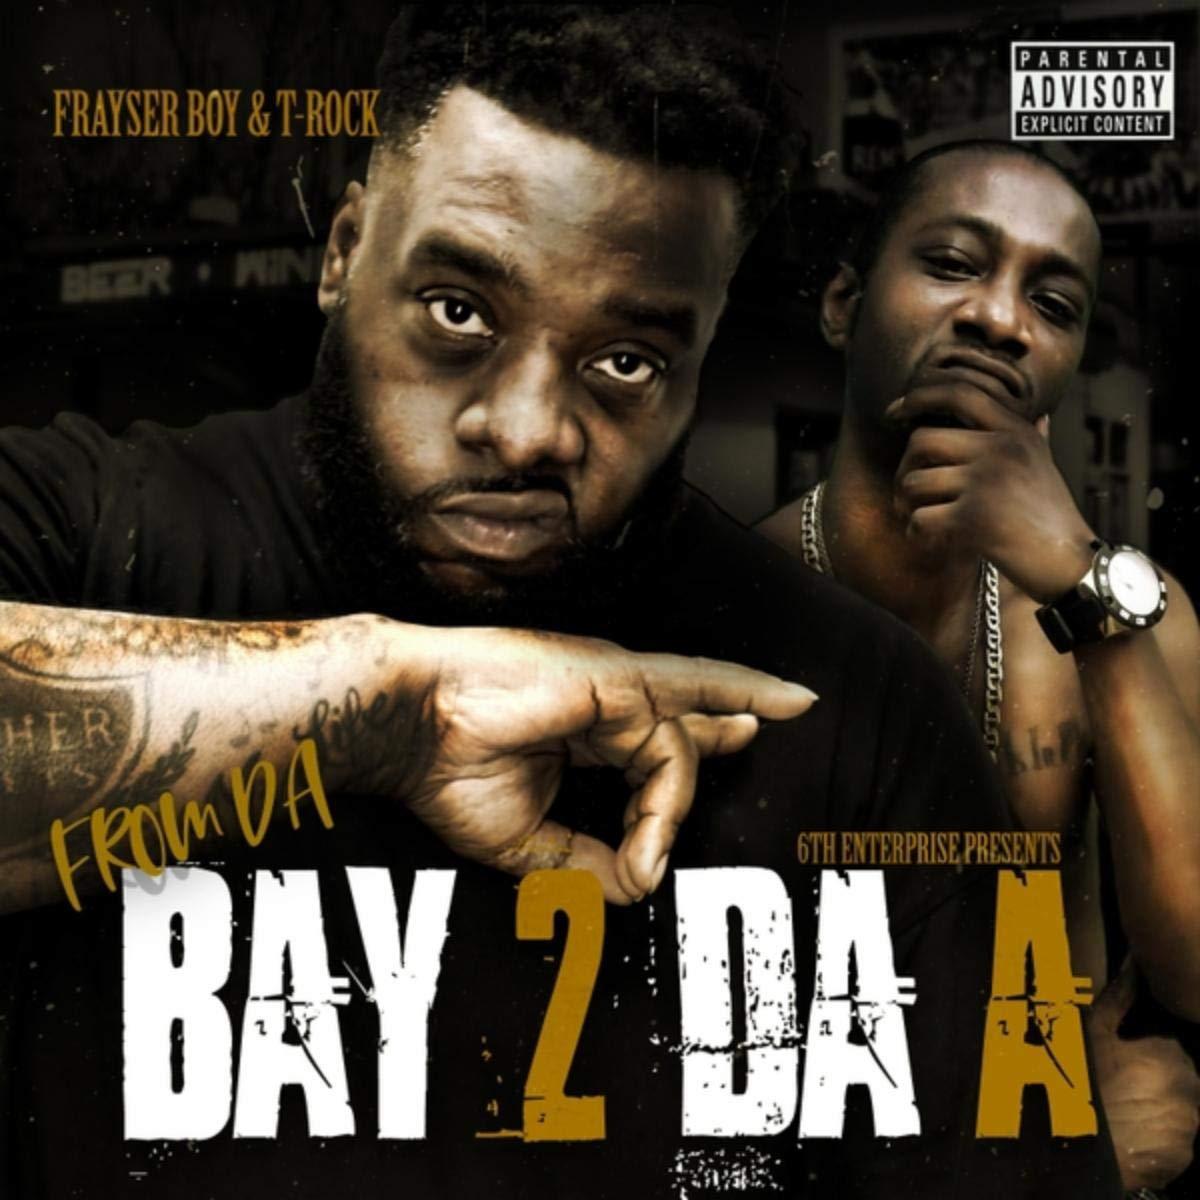 Frayser Boy & T-Rock - From Da Bay 2 Da A (2020) [FLAC] Download